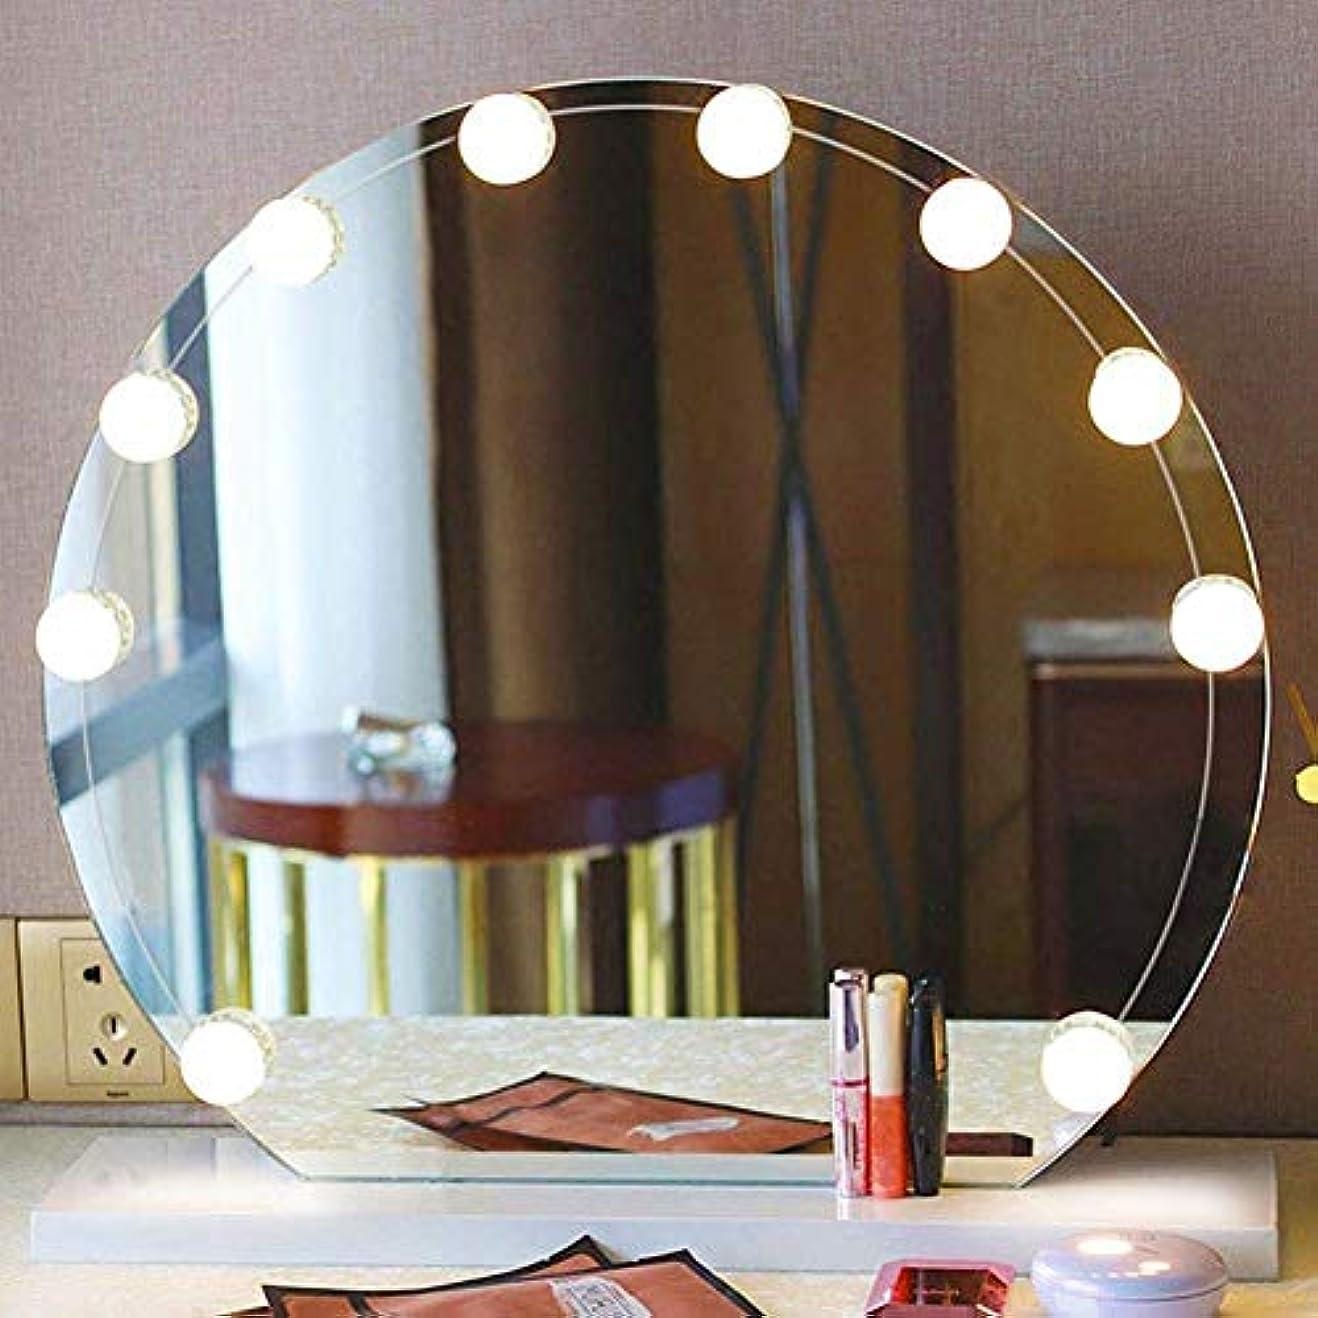 調べる新着発明するtiktok 女優ミラーライト 10個LED電球 USB給電 調光可能 ひもの長さも調整でき 化粧鏡ライト 10W 省エネ 取り付け便利 化粧台 美容室などに適用